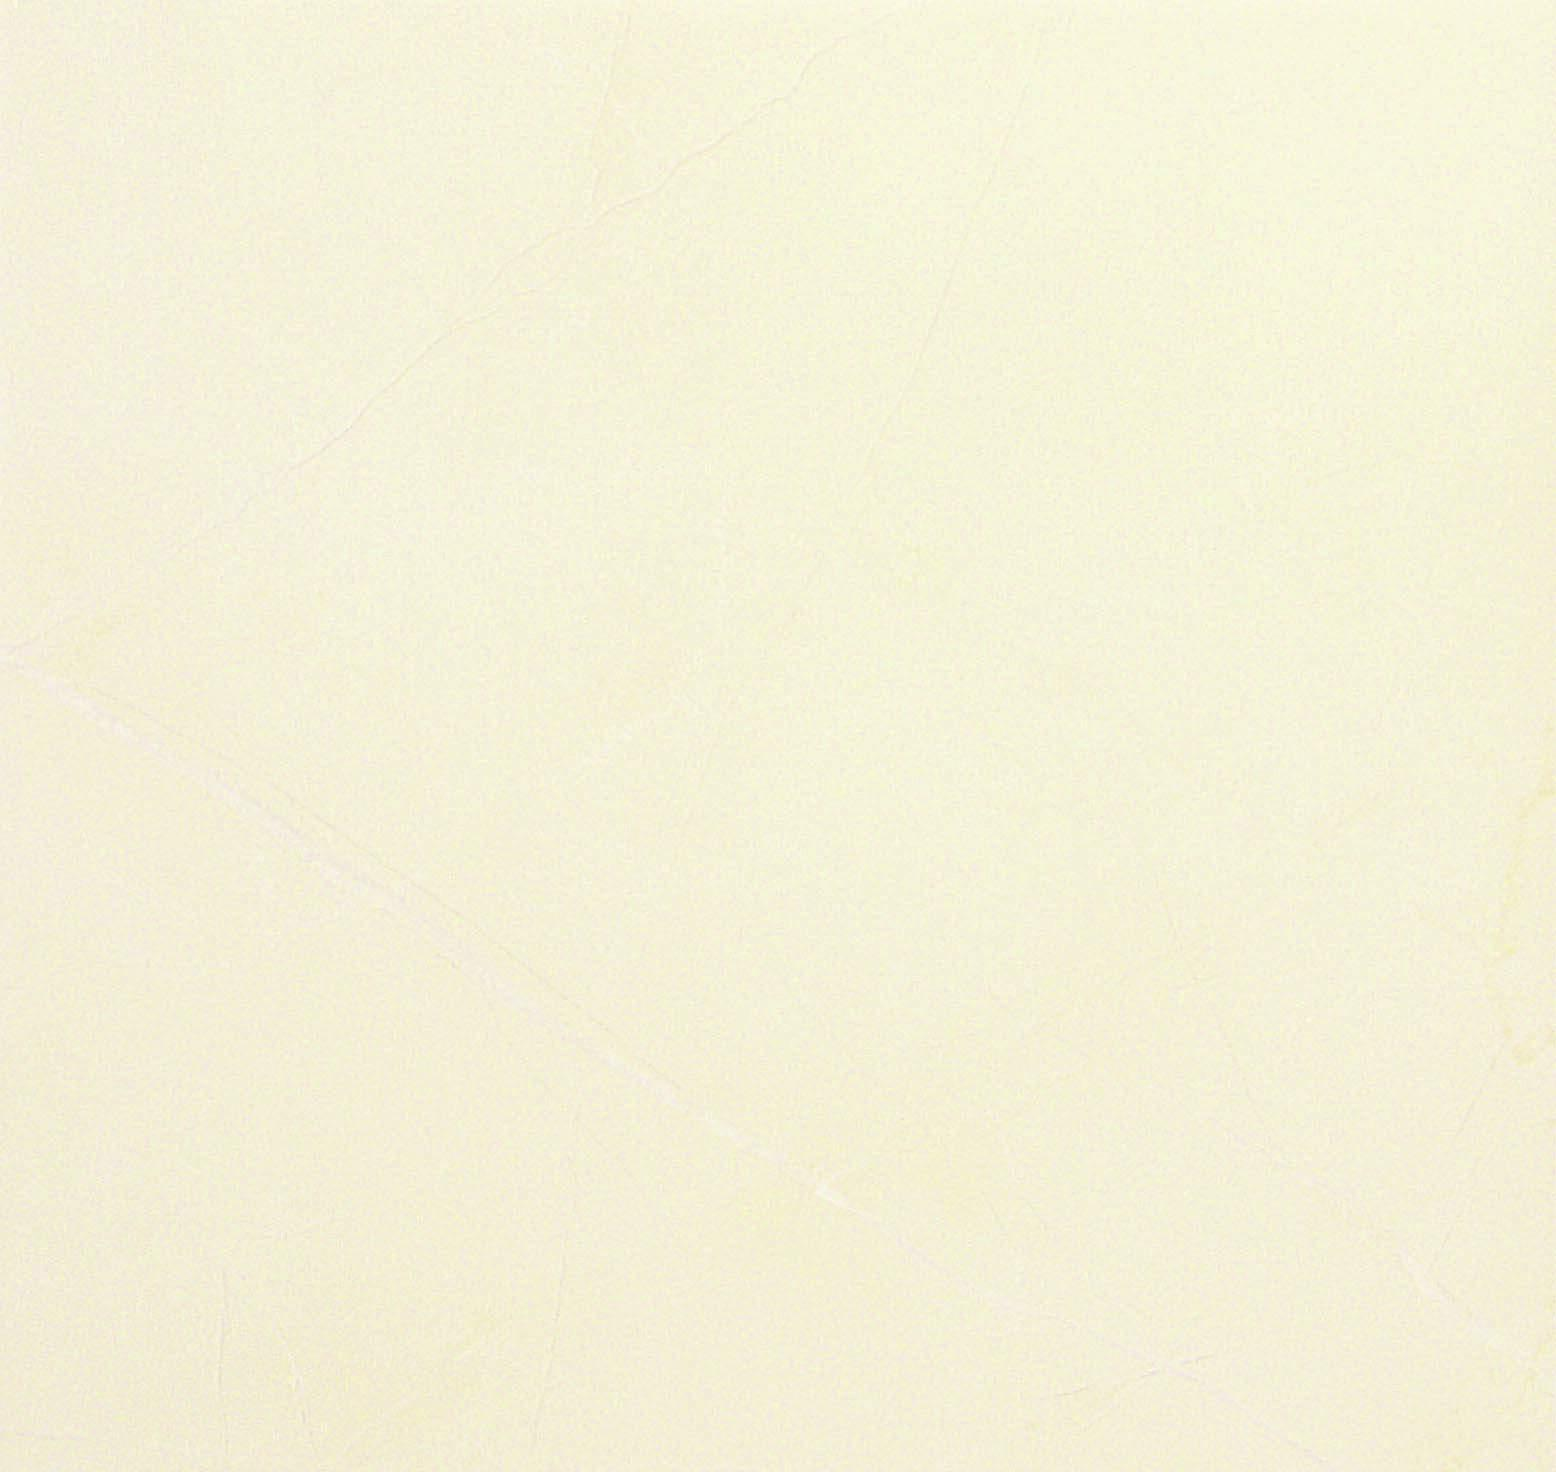 亚细亚地砖莫扎特系列Q35008Q35008